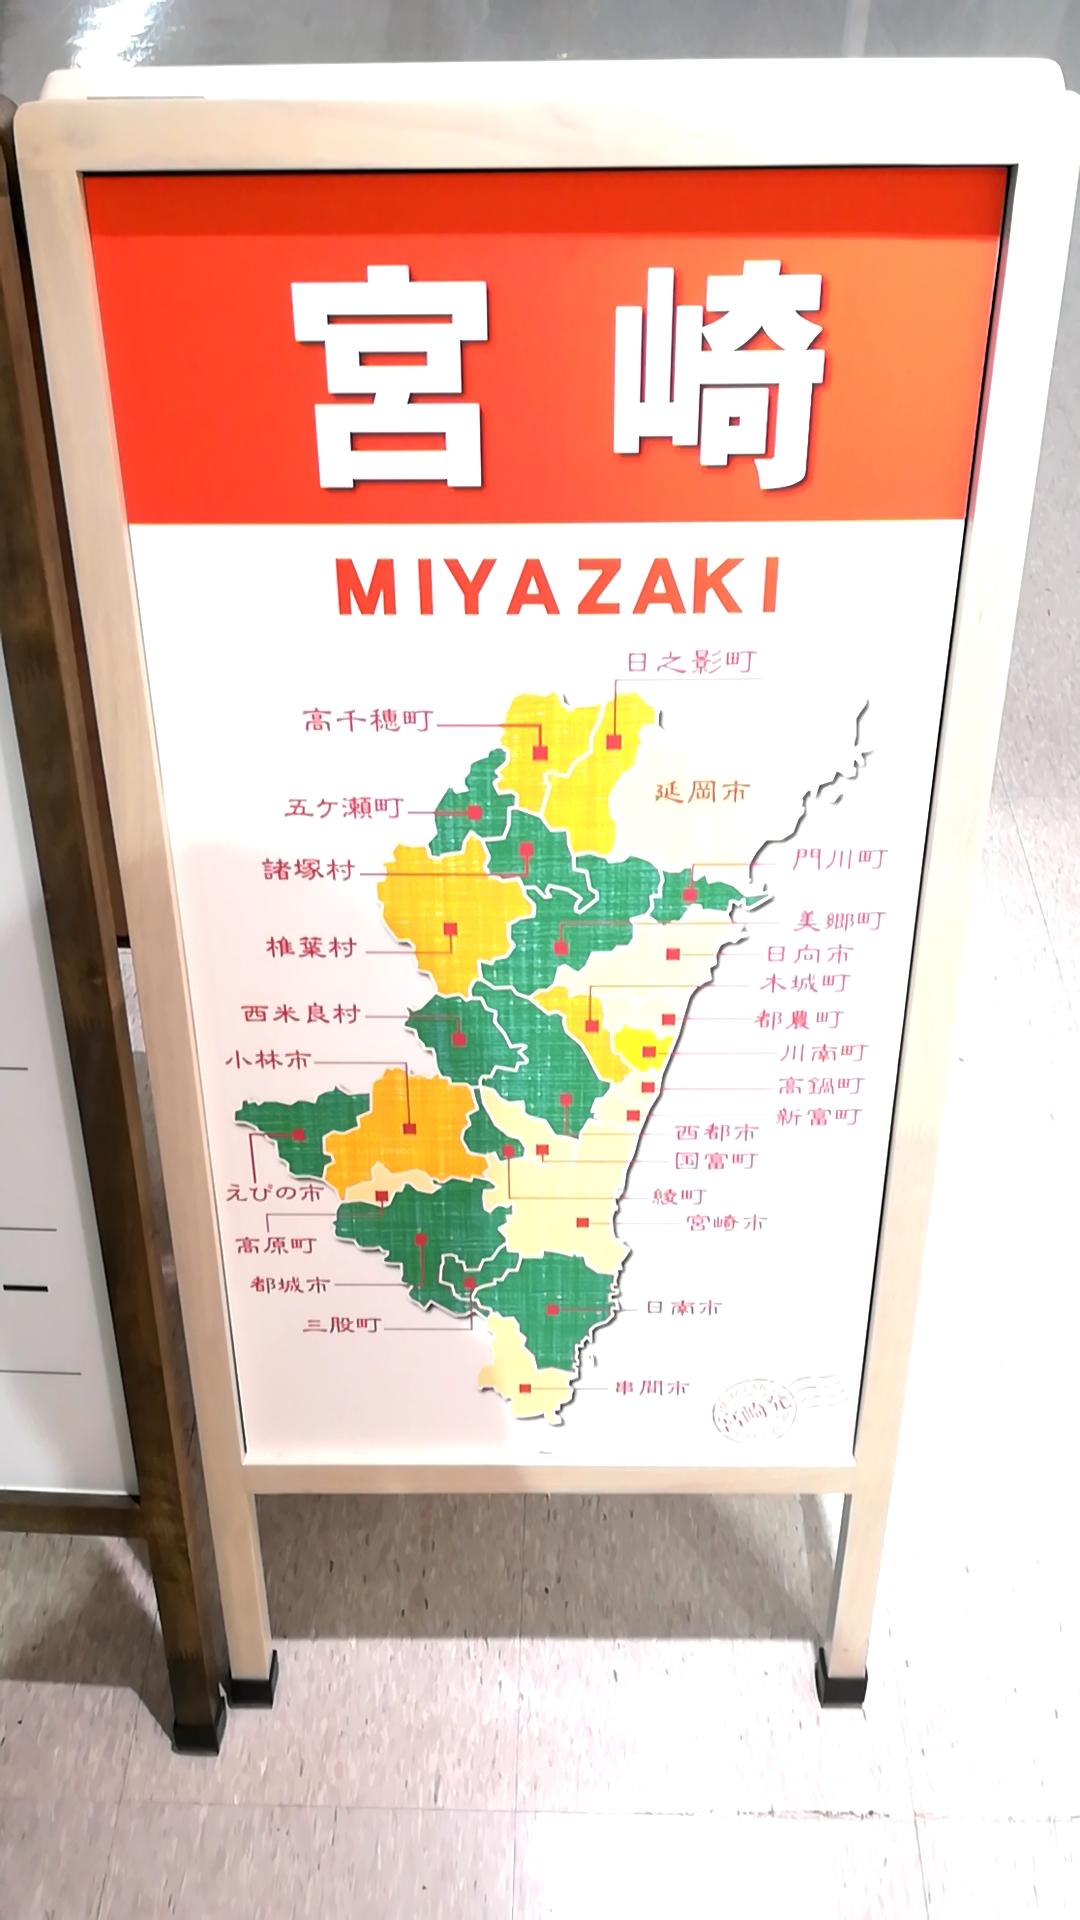 帰省や旅行帰りのお土産選びに!宮崎空港内で買えるおすすめお土産